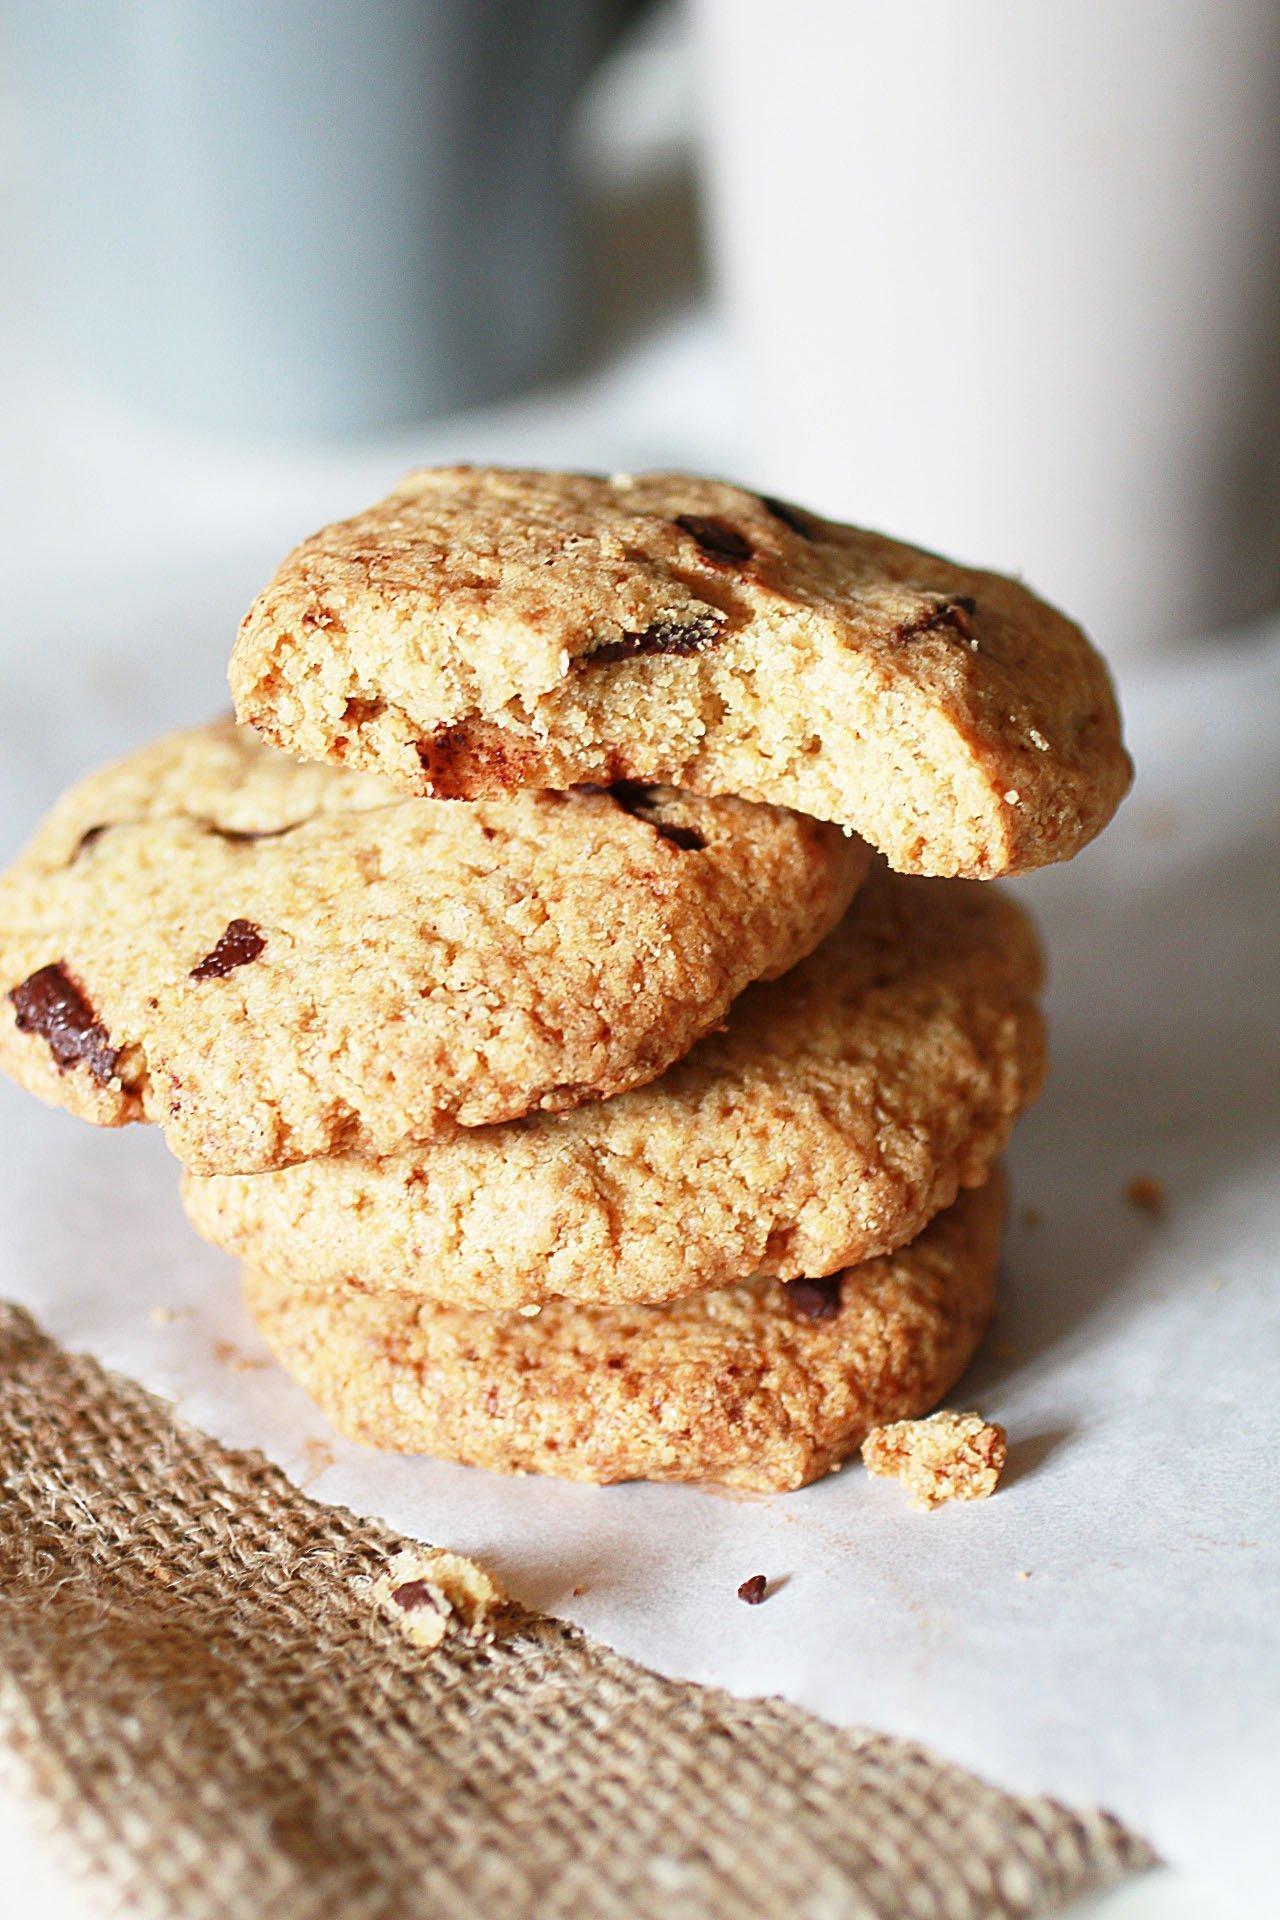 Popolare Biscotti con Gocce di Cioccolato Senza Glutine con Farina di Avena MA22